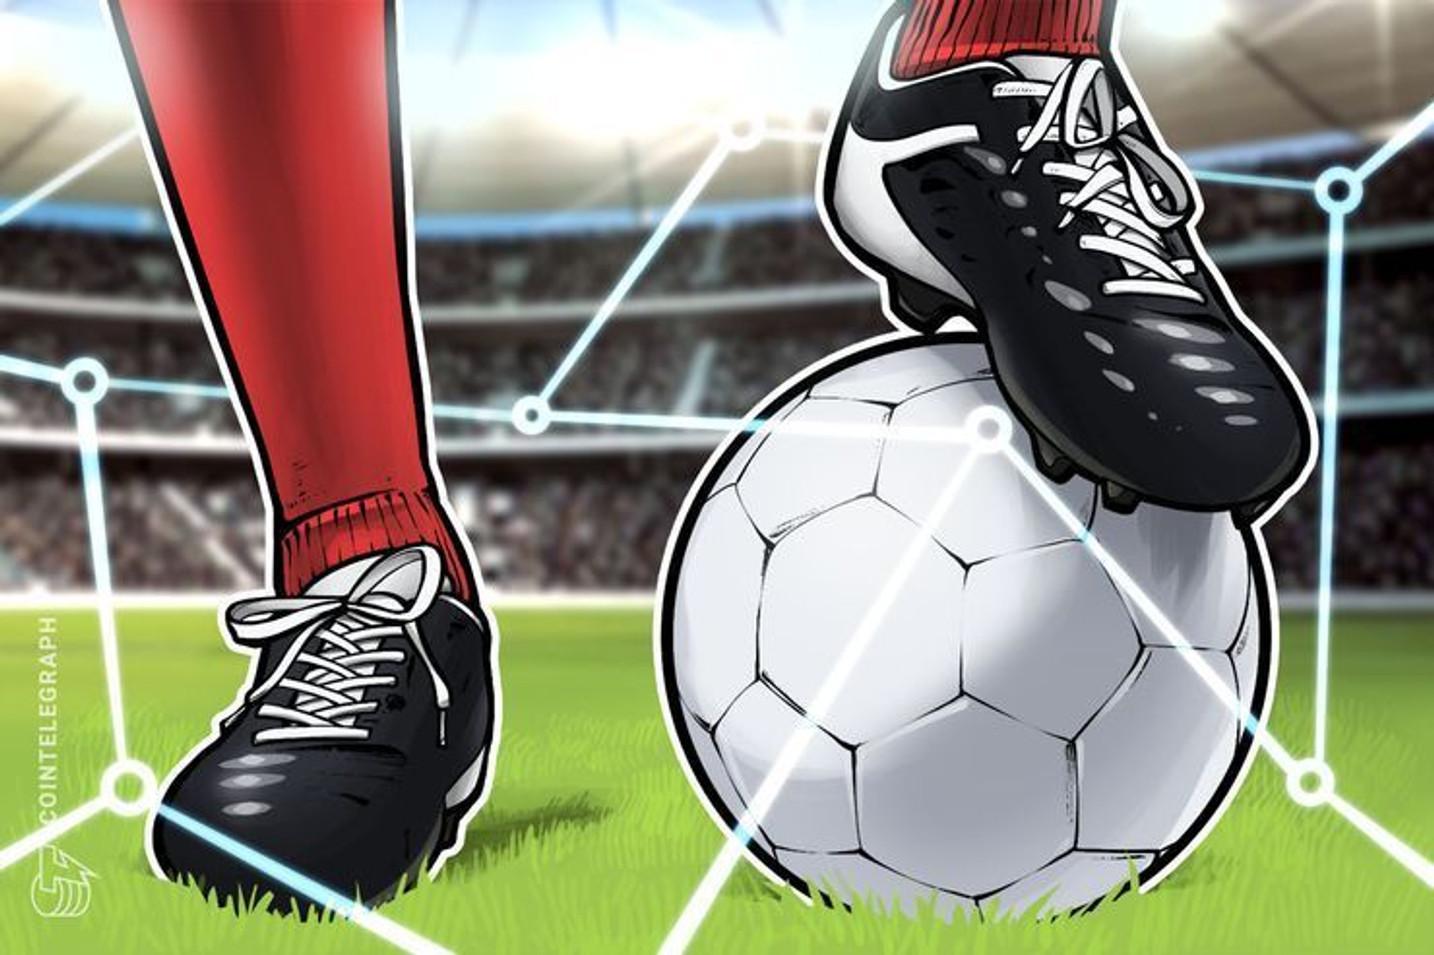 Torcedores do Fluminense apelidam presidente do clube de 'Mário Bitcoins' depois de novas contratações